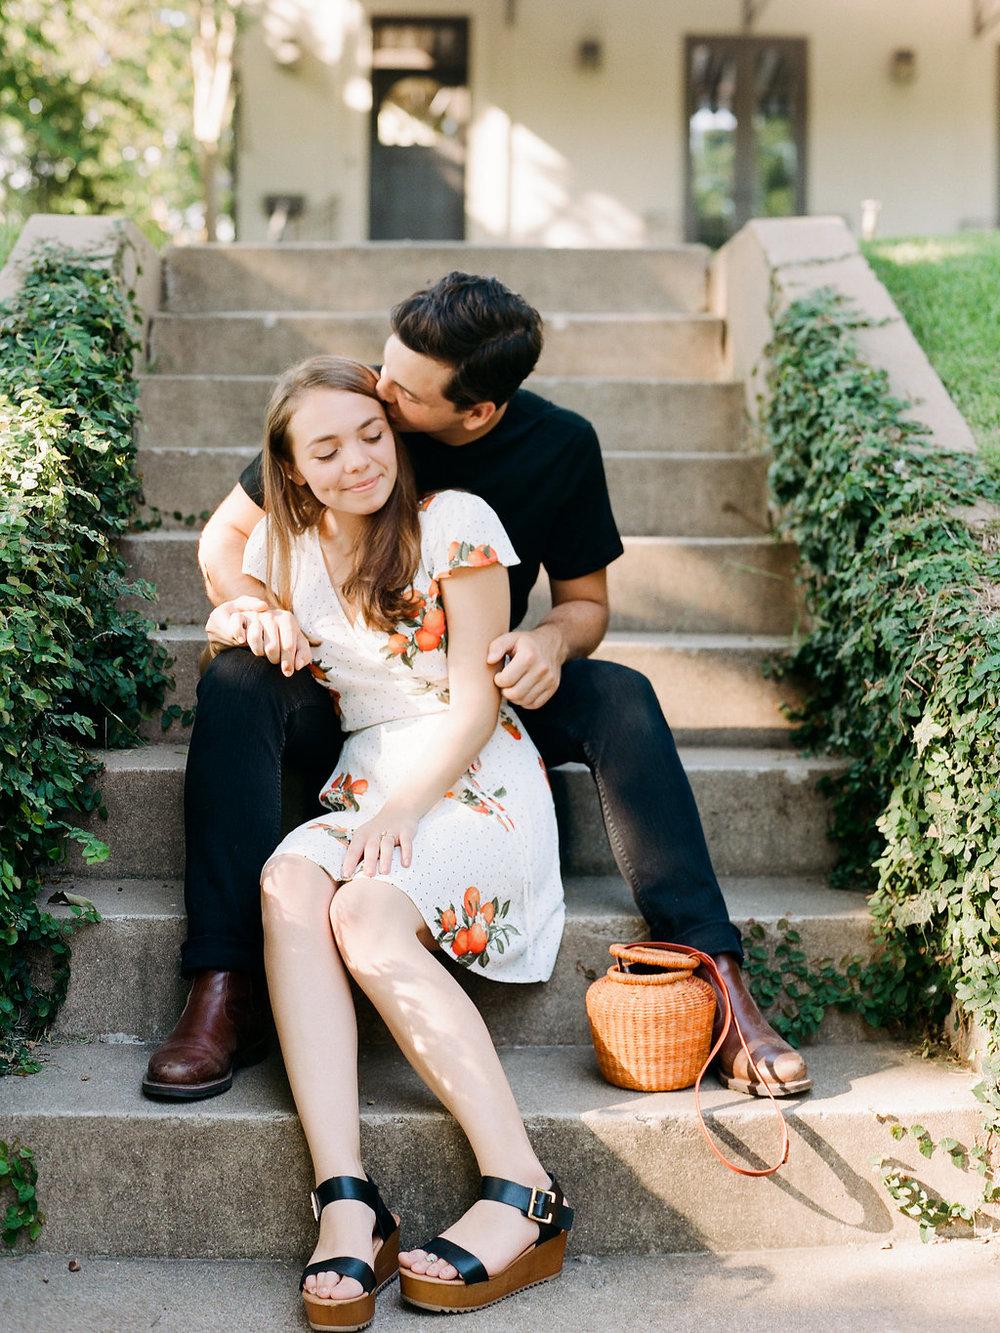 Best-Austin-Denver-California-Wedding-Photographers-fine-art-film-Engagement-Session-26.jpg